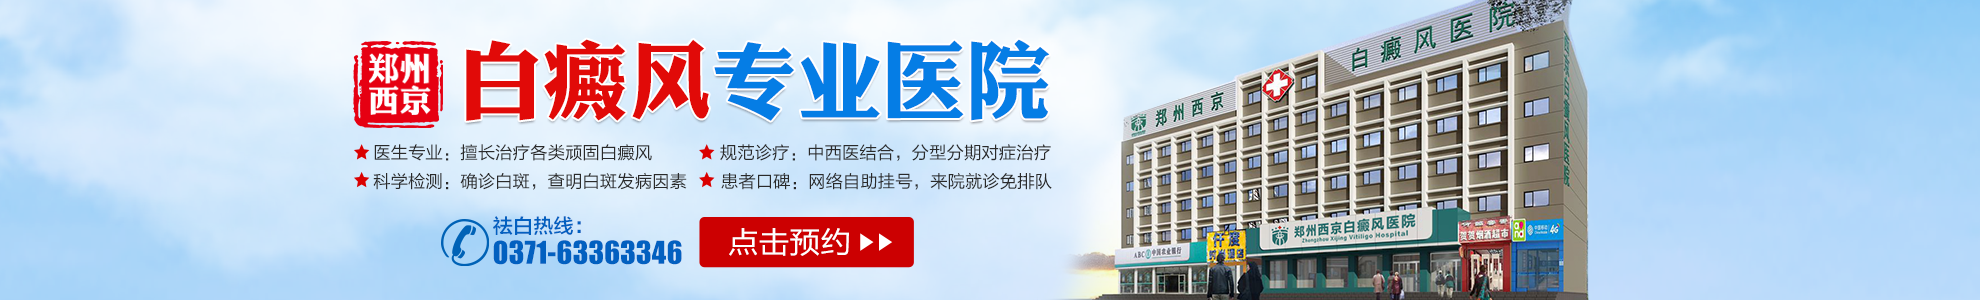 商丘白癜风医院